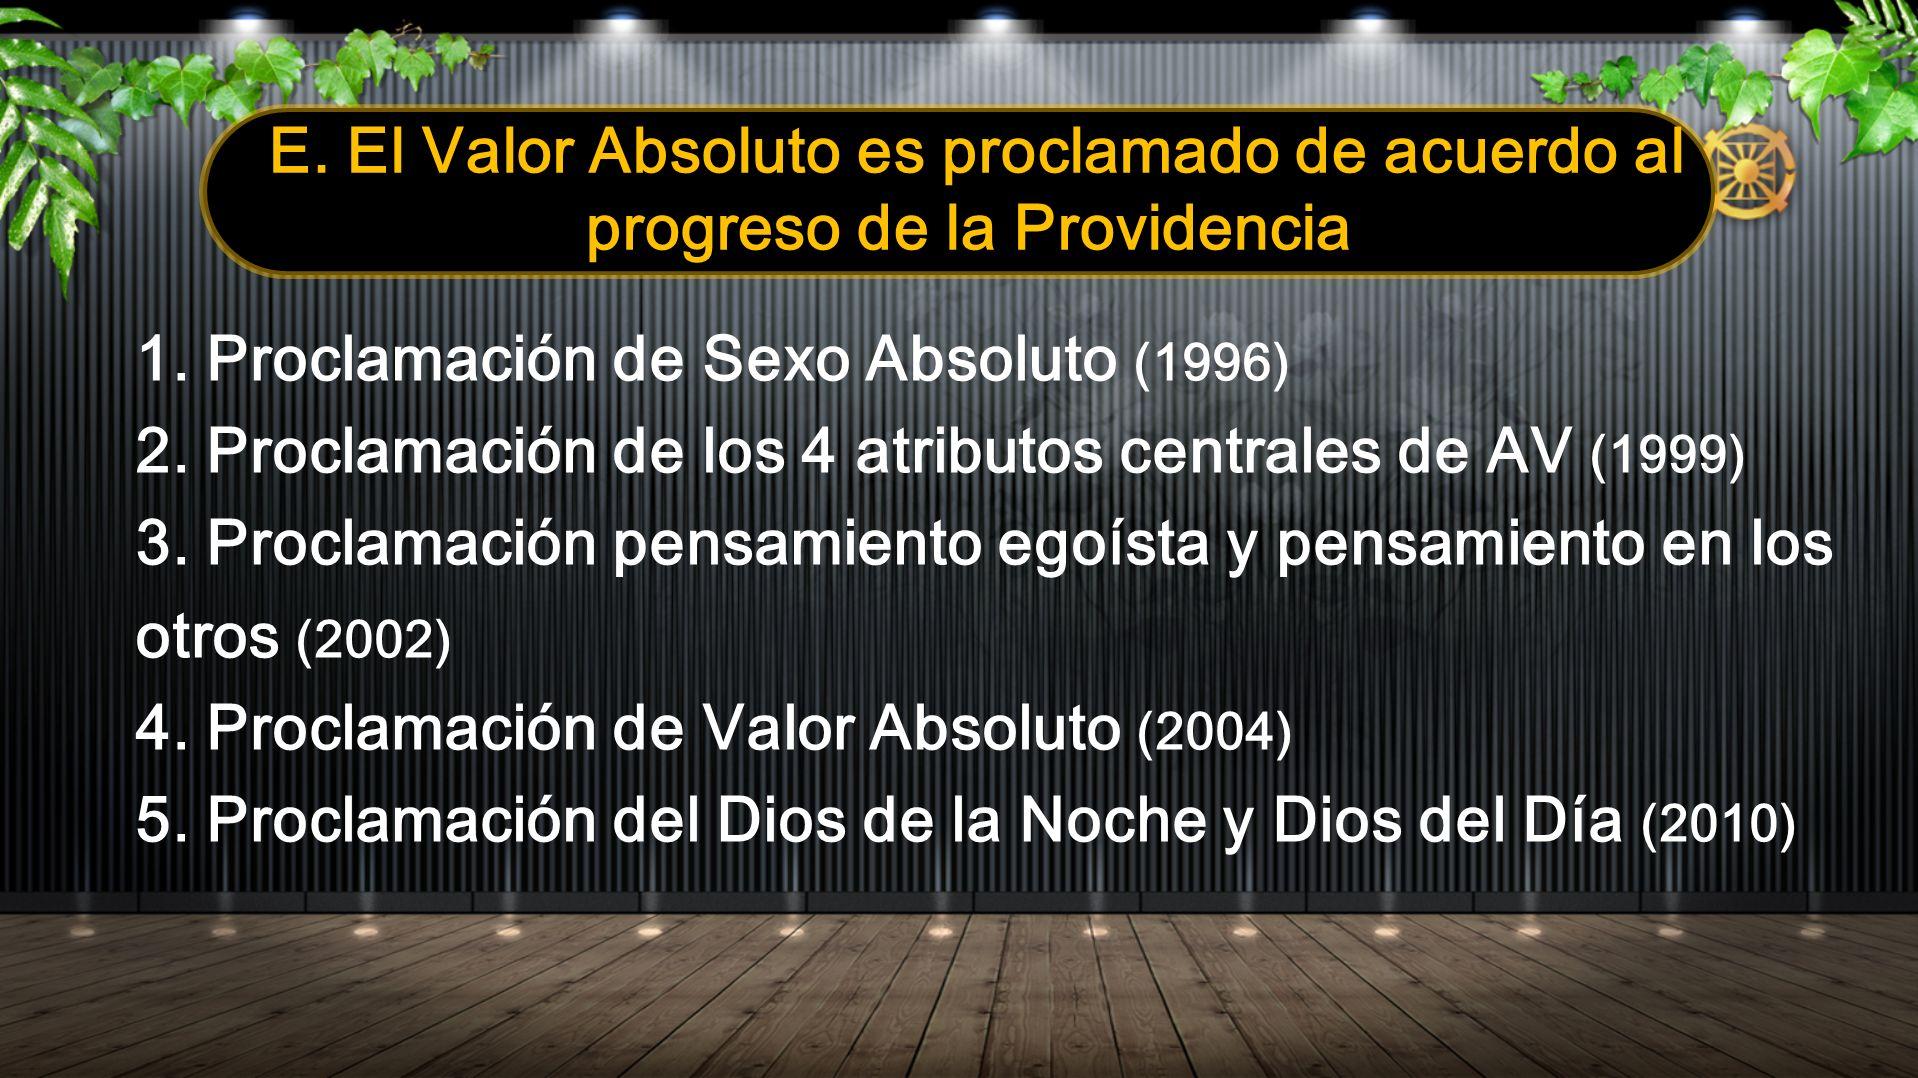 E. El Valor Absoluto es proclamado de acuerdo al progreso de la Providencia 1. Proclamación de Sexo Absoluto (1996) 2. Proclamación de los 4 atributos